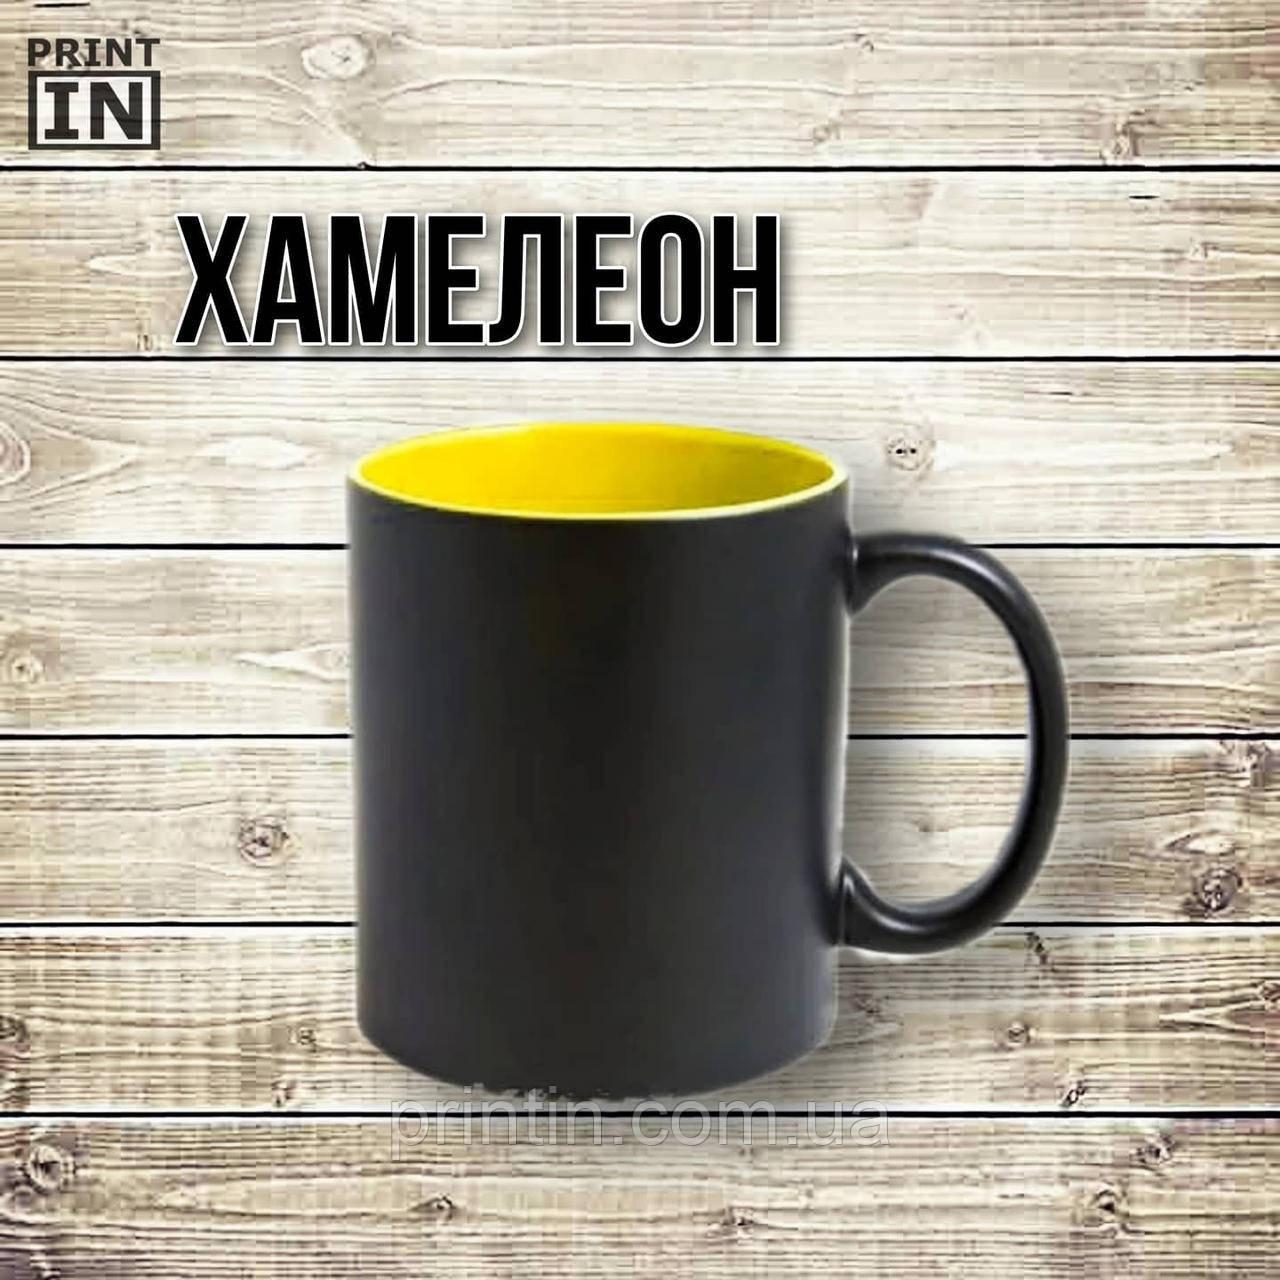 Печать на чашке хамелеон 330мл (полуматовая цветная внутри)